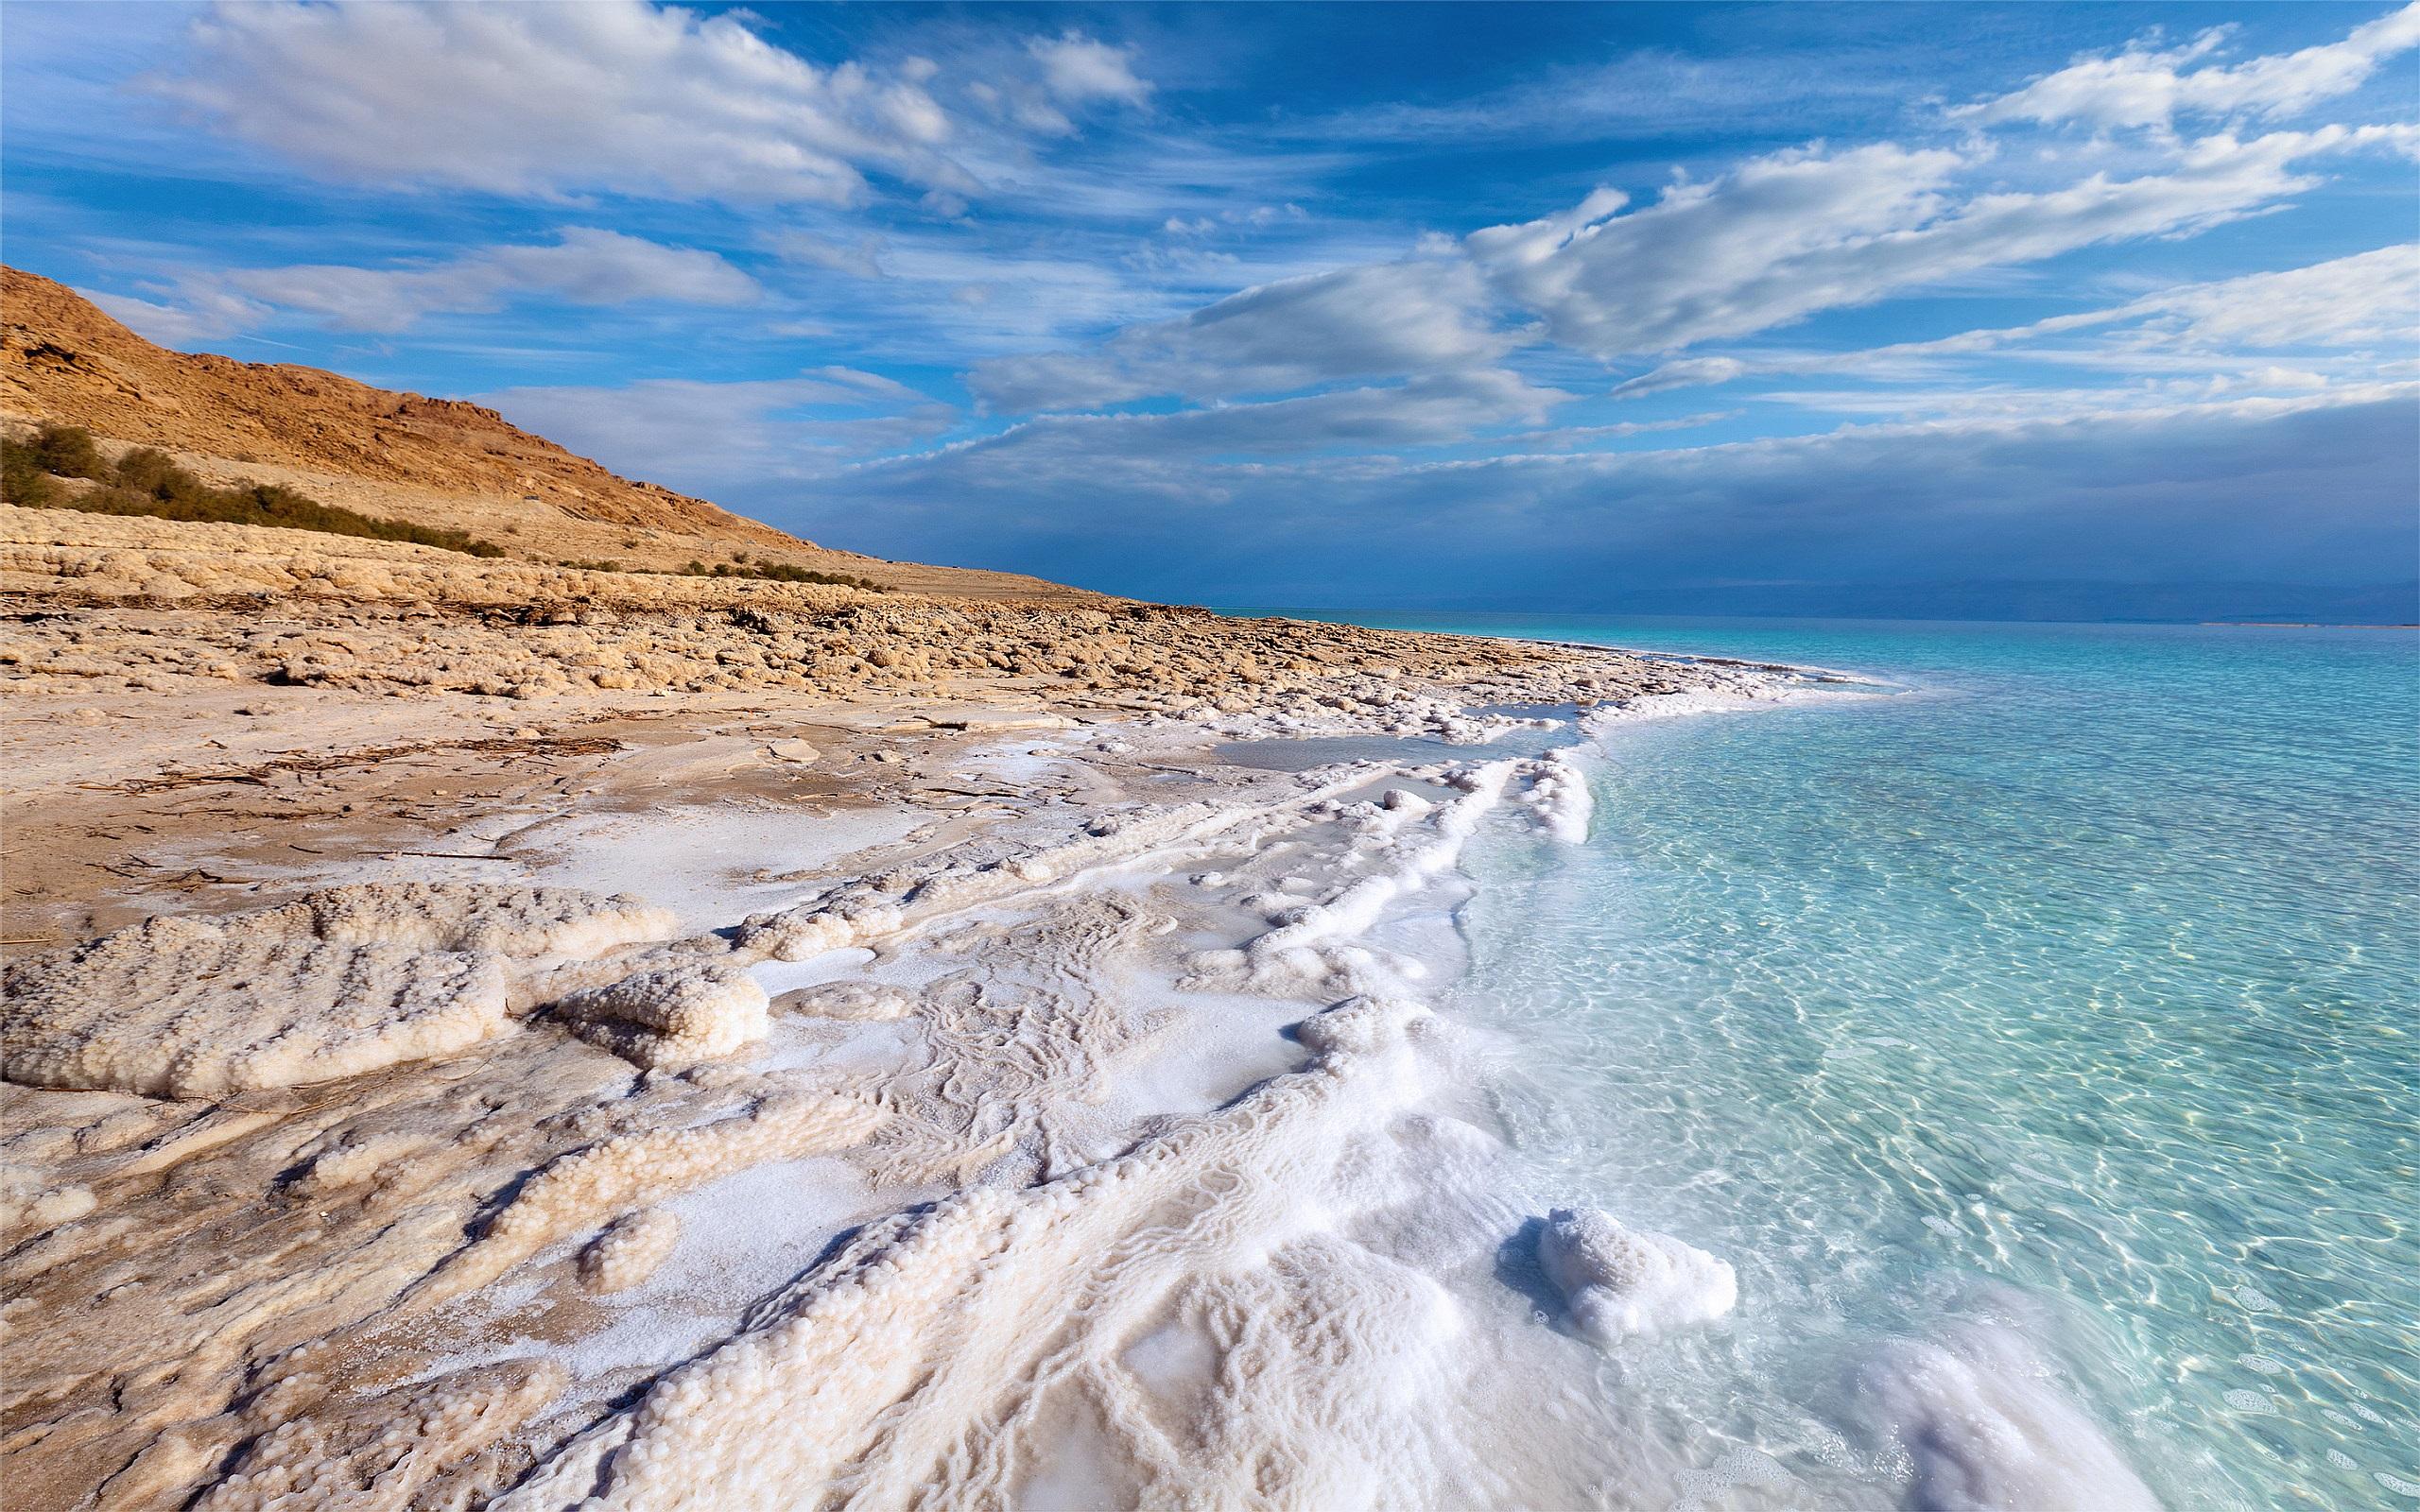 впечатление, картинки пляжа воды пономаренко мог